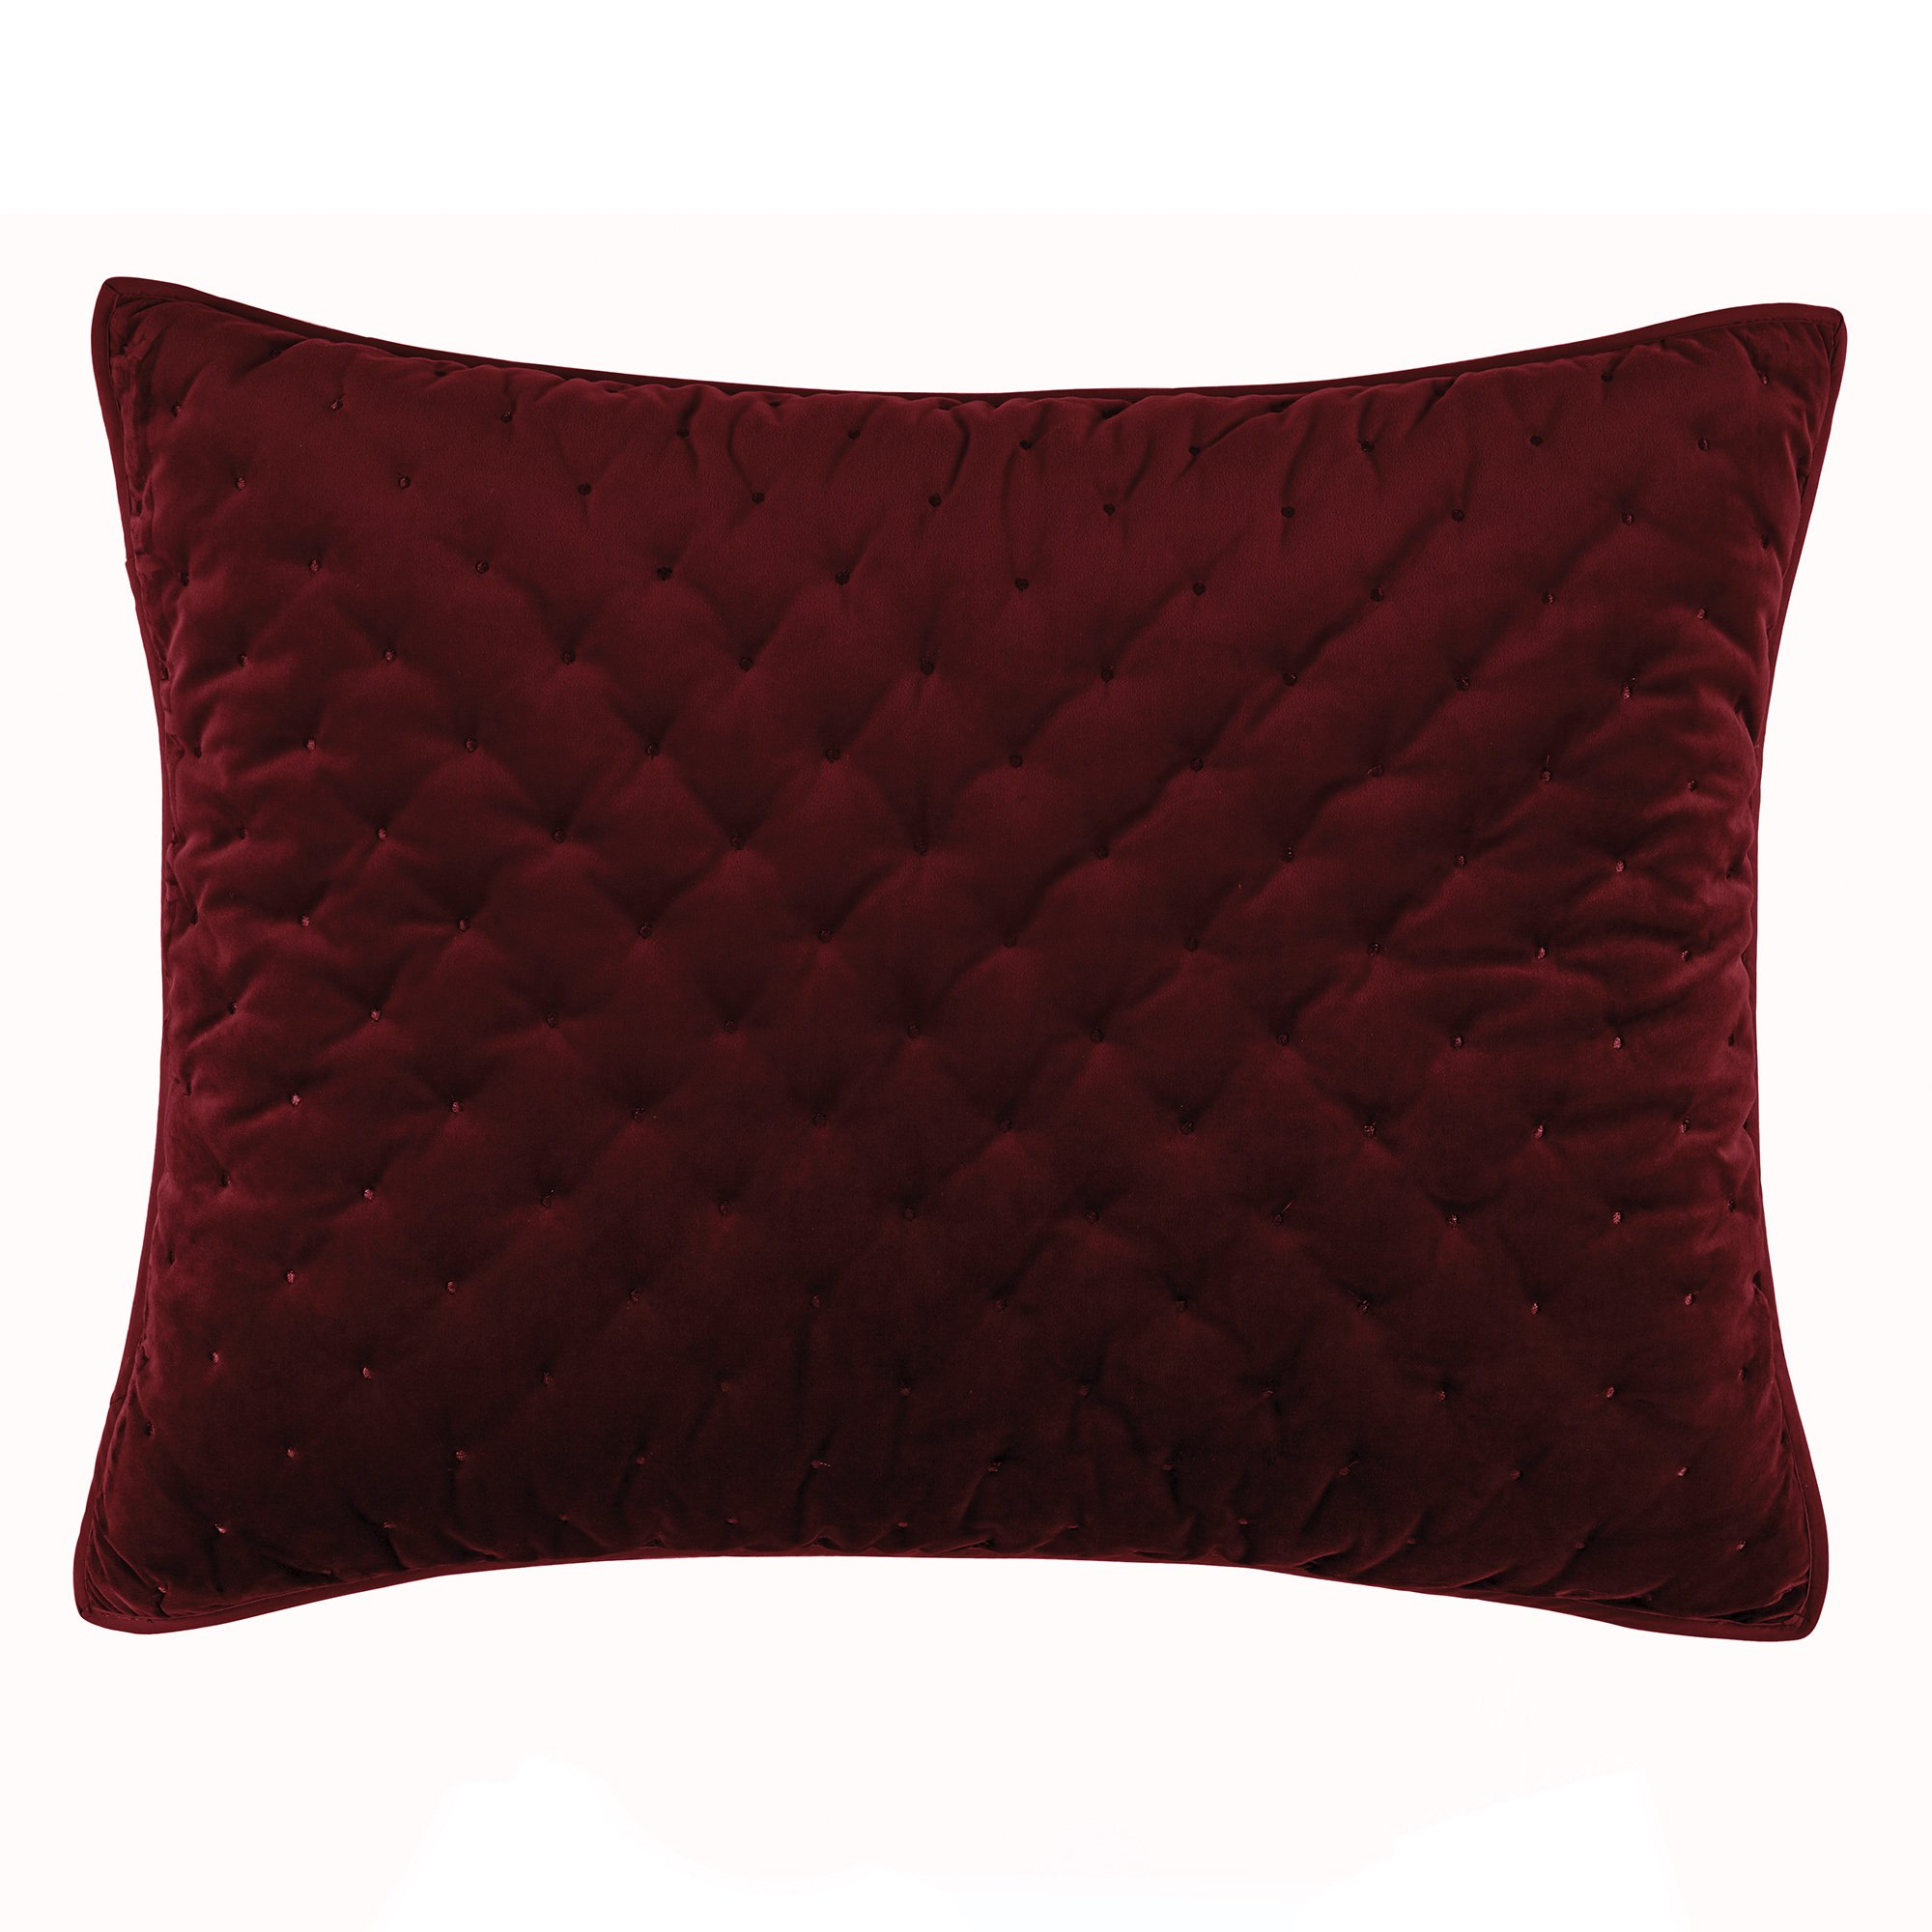 Croscill Carissa Standard Quilt Sham, Merlot